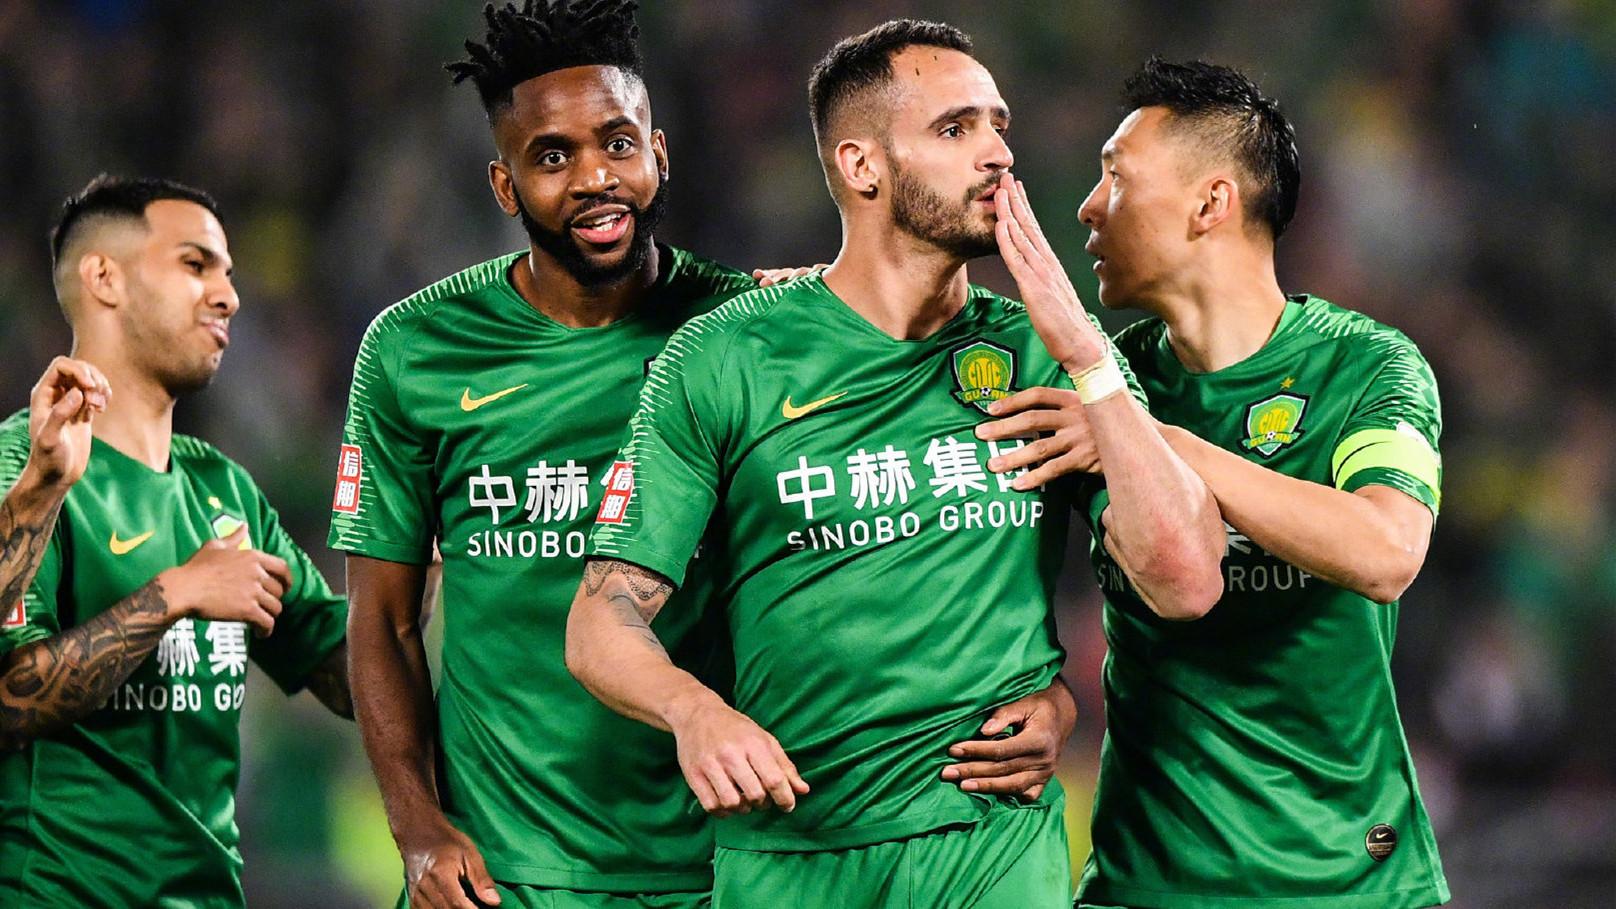 亚冠小组赛末轮前瞻:广州恒大或艰难取胜,BIG4有望携手出线!